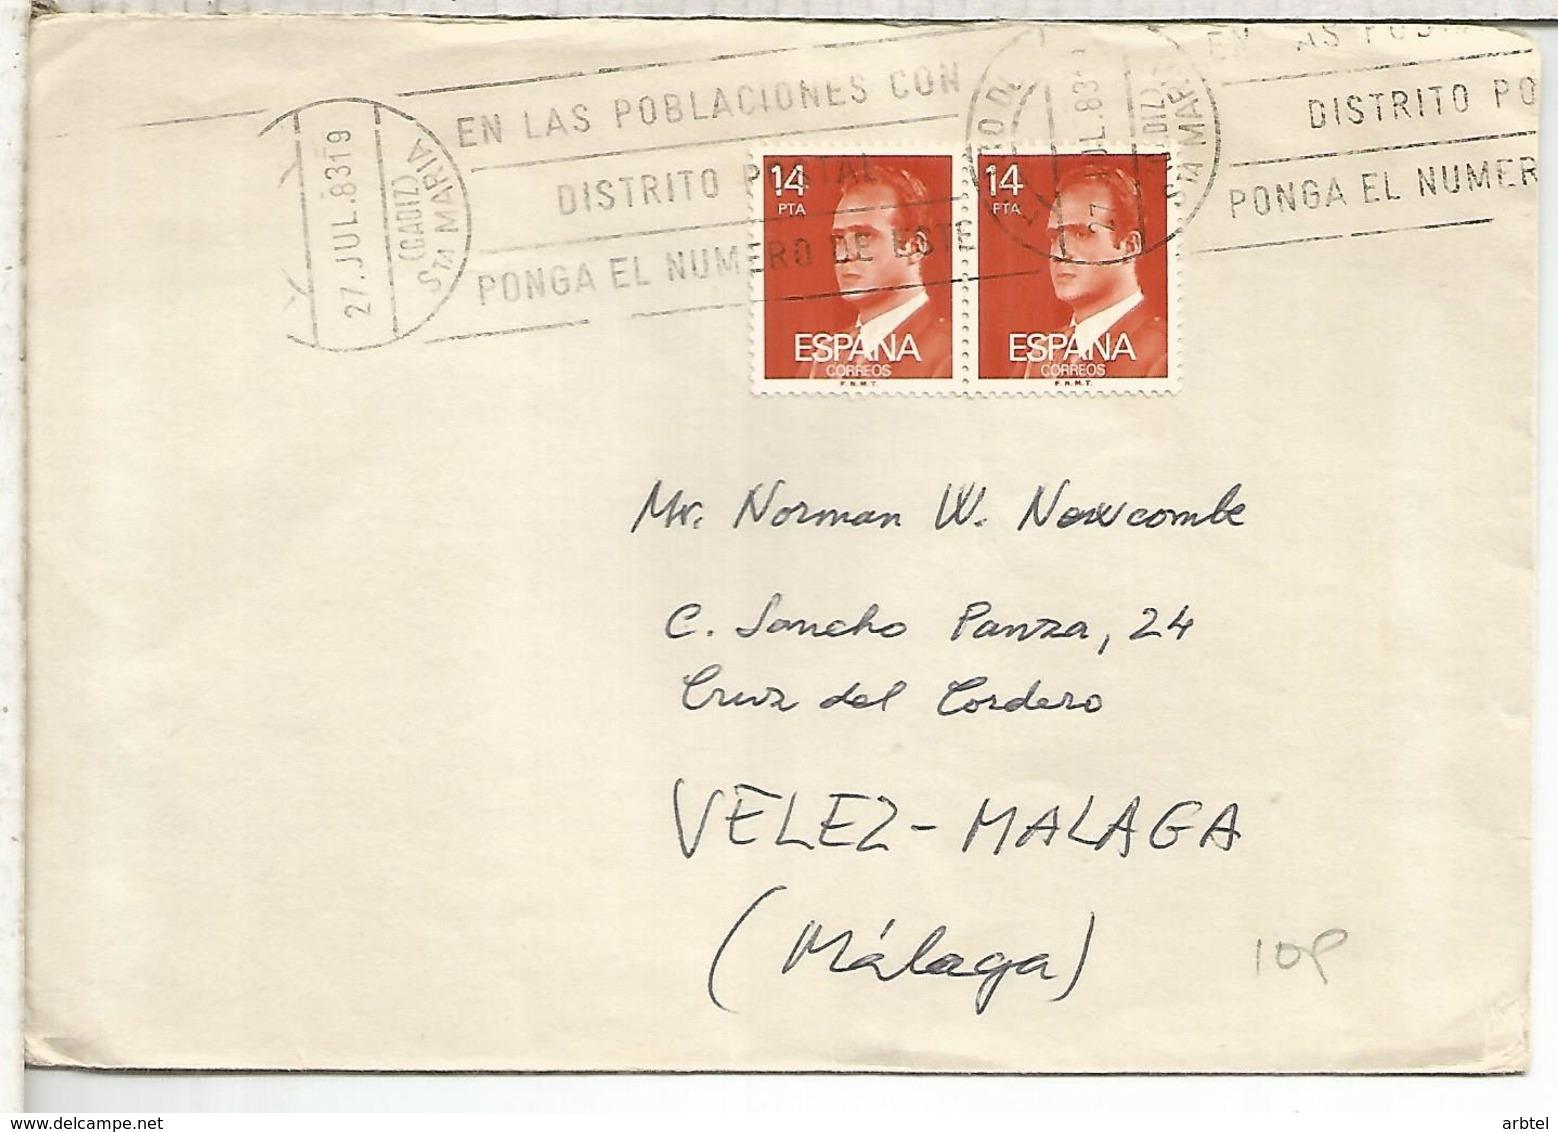 PUERTO DE SANTA MARIA CADIZ  CC SELLOS BASICA - 1931-Hoy: 2ª República - ... Juan Carlos I